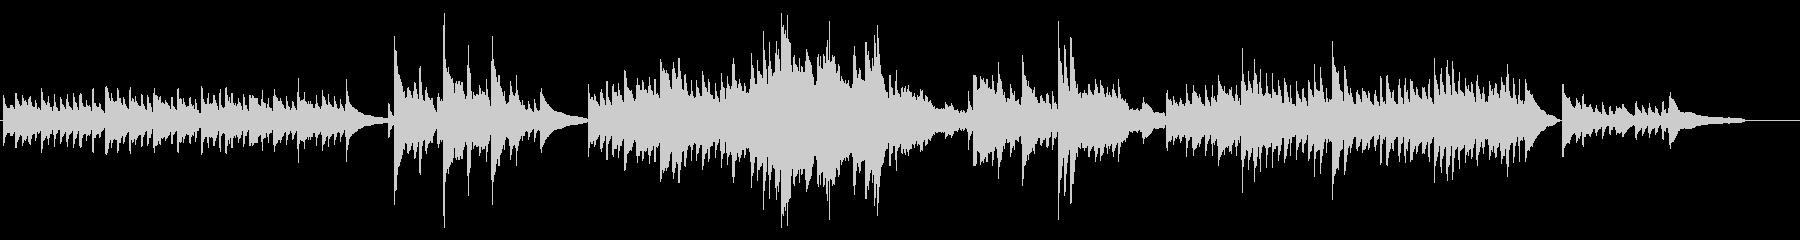 Impromptu, op.1-1の未再生の波形